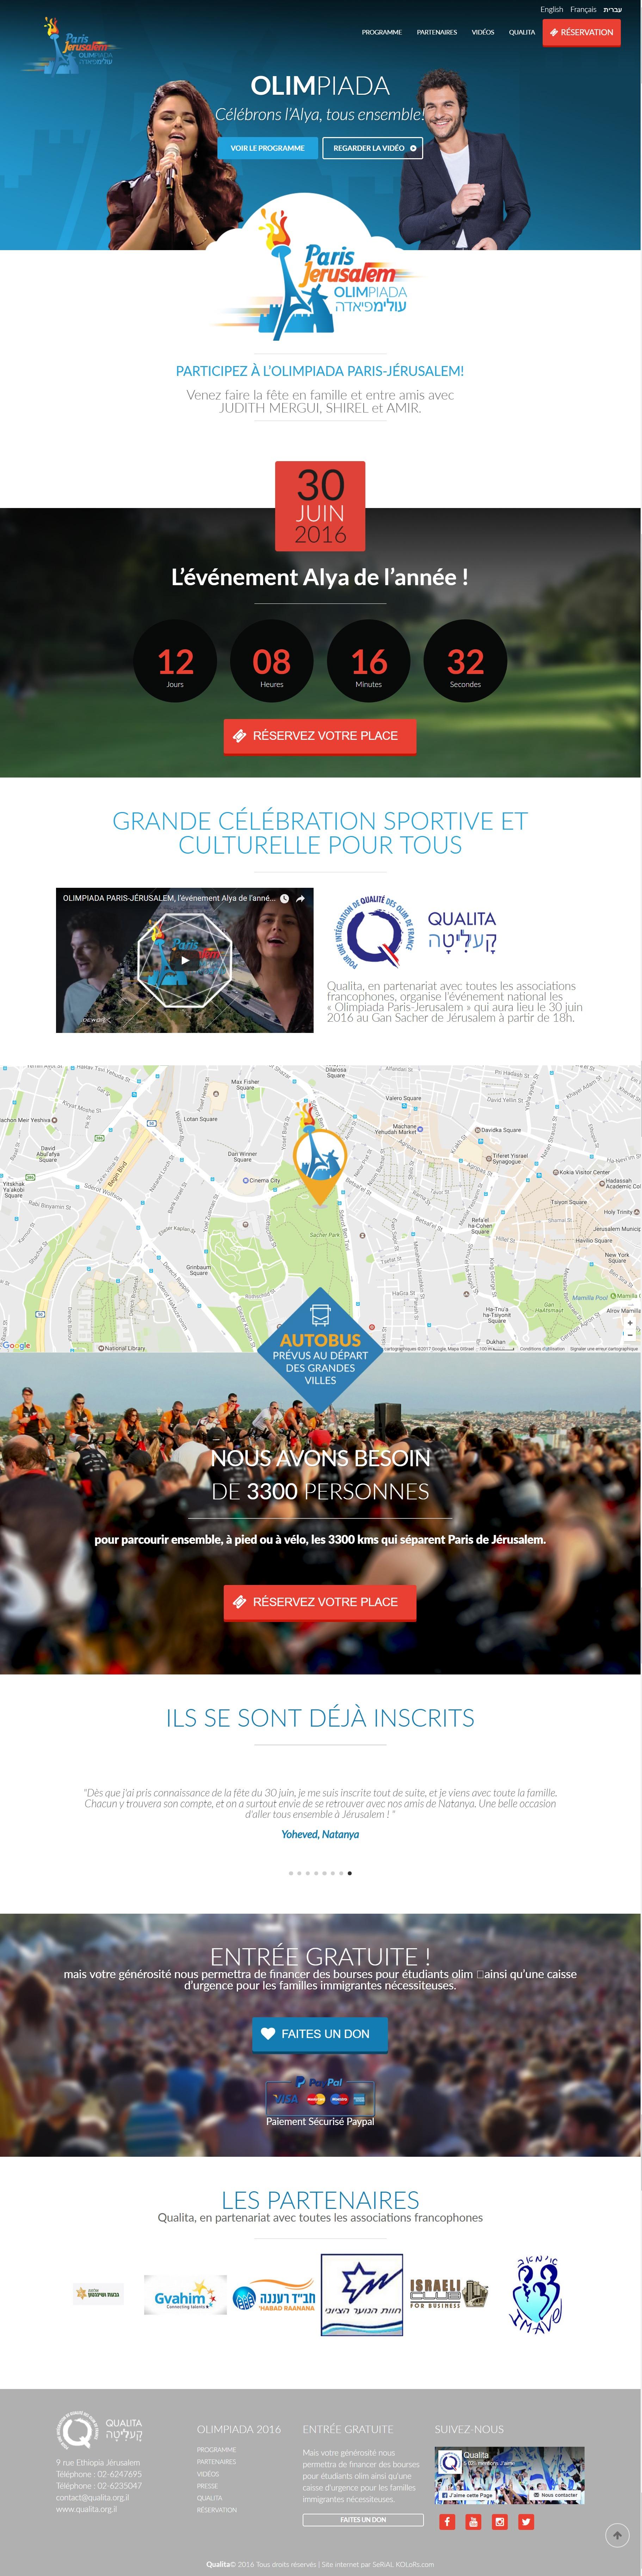 Olimpiada Paris Jerusalem L'événement Alya de l'année